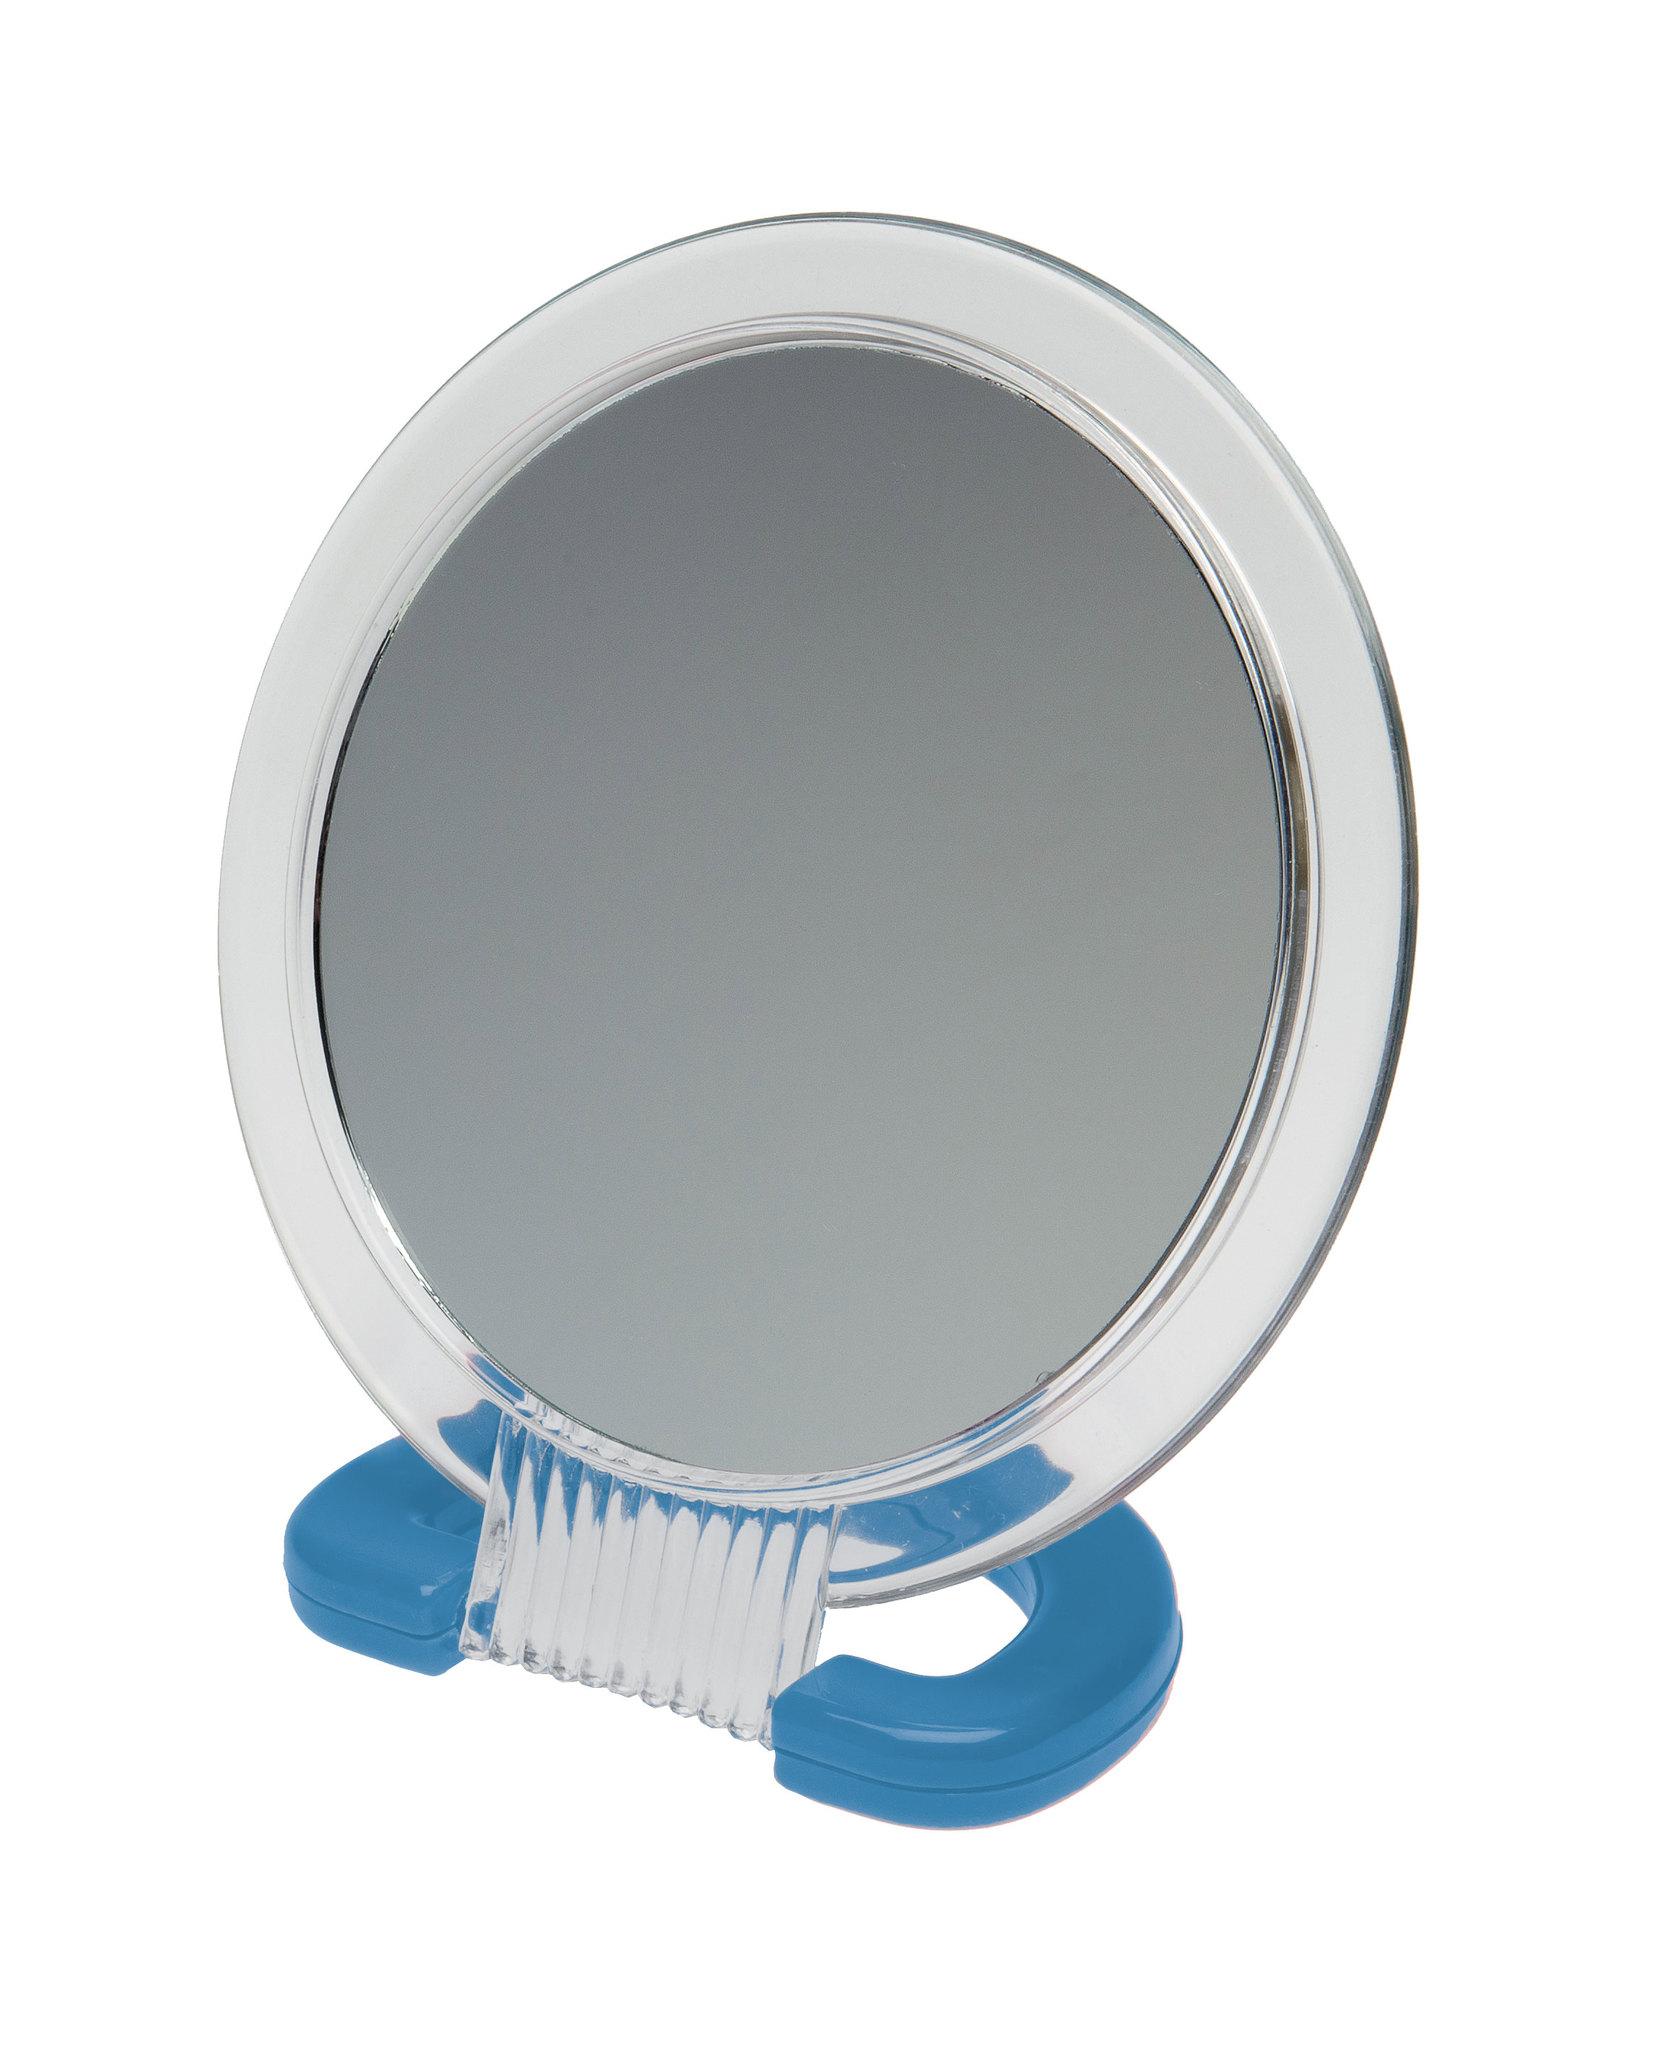 Зеркало Dewal Beauty настольное, в прозрачной оправе, на пластковой подставке синего цвета, 230x154мм